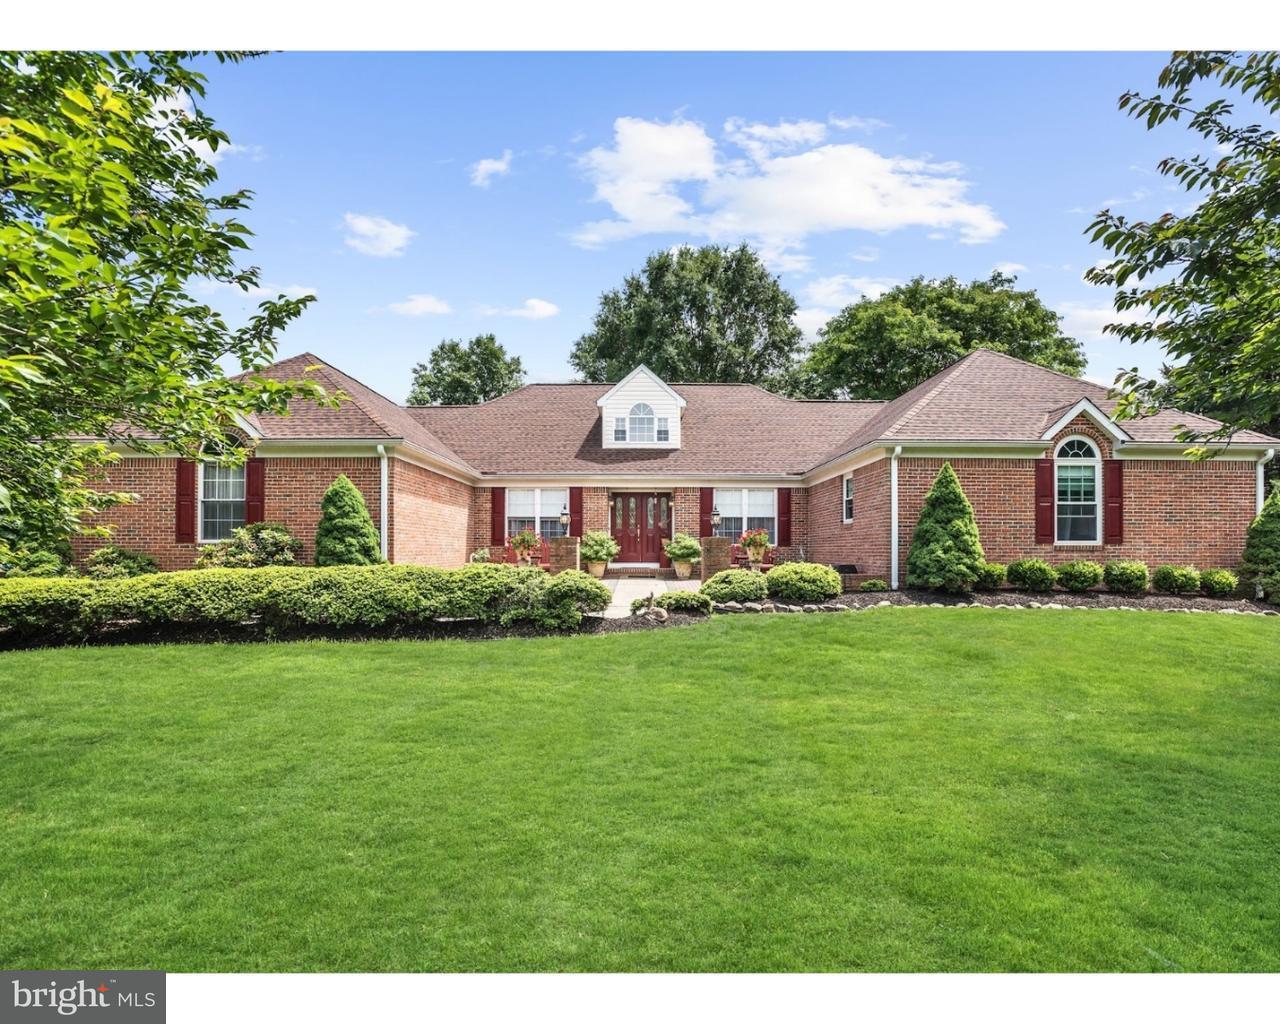 Maison unifamiliale pour l Vente à 25 FENIMORE Road Lumberton, New Jersey 08048 États-Unis